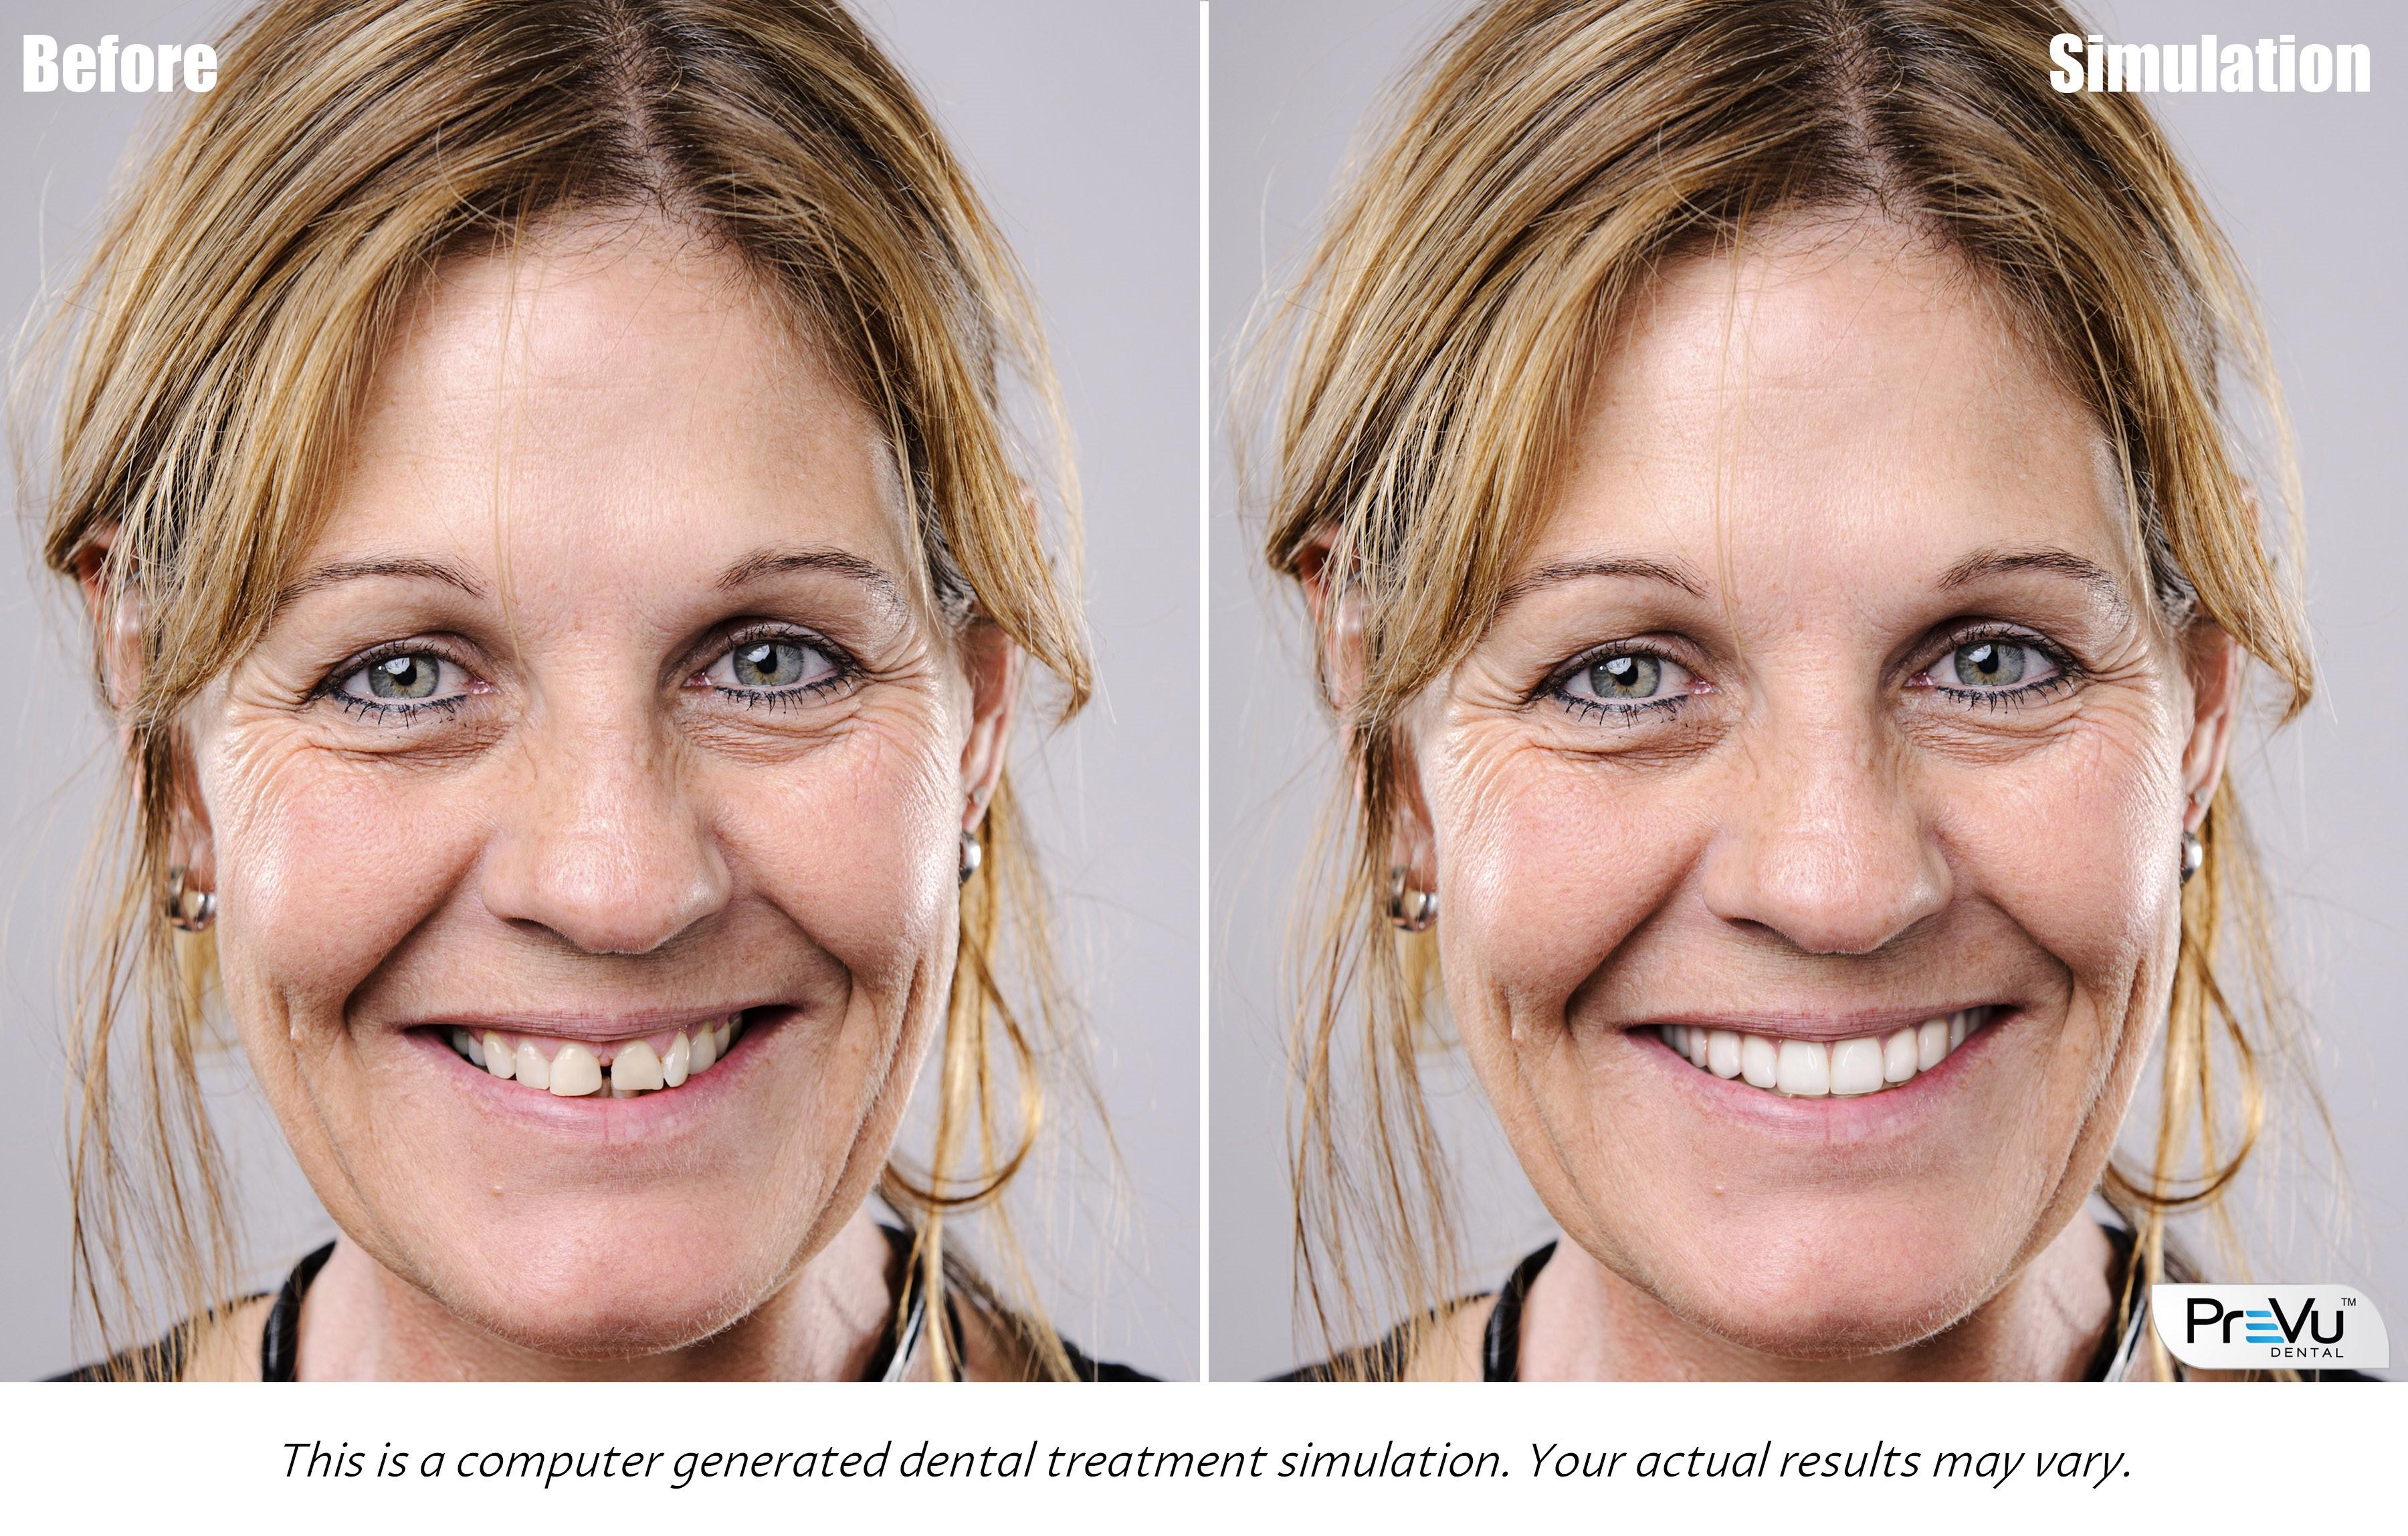 PreVu Cosmetic Simulation & Smile Design Software